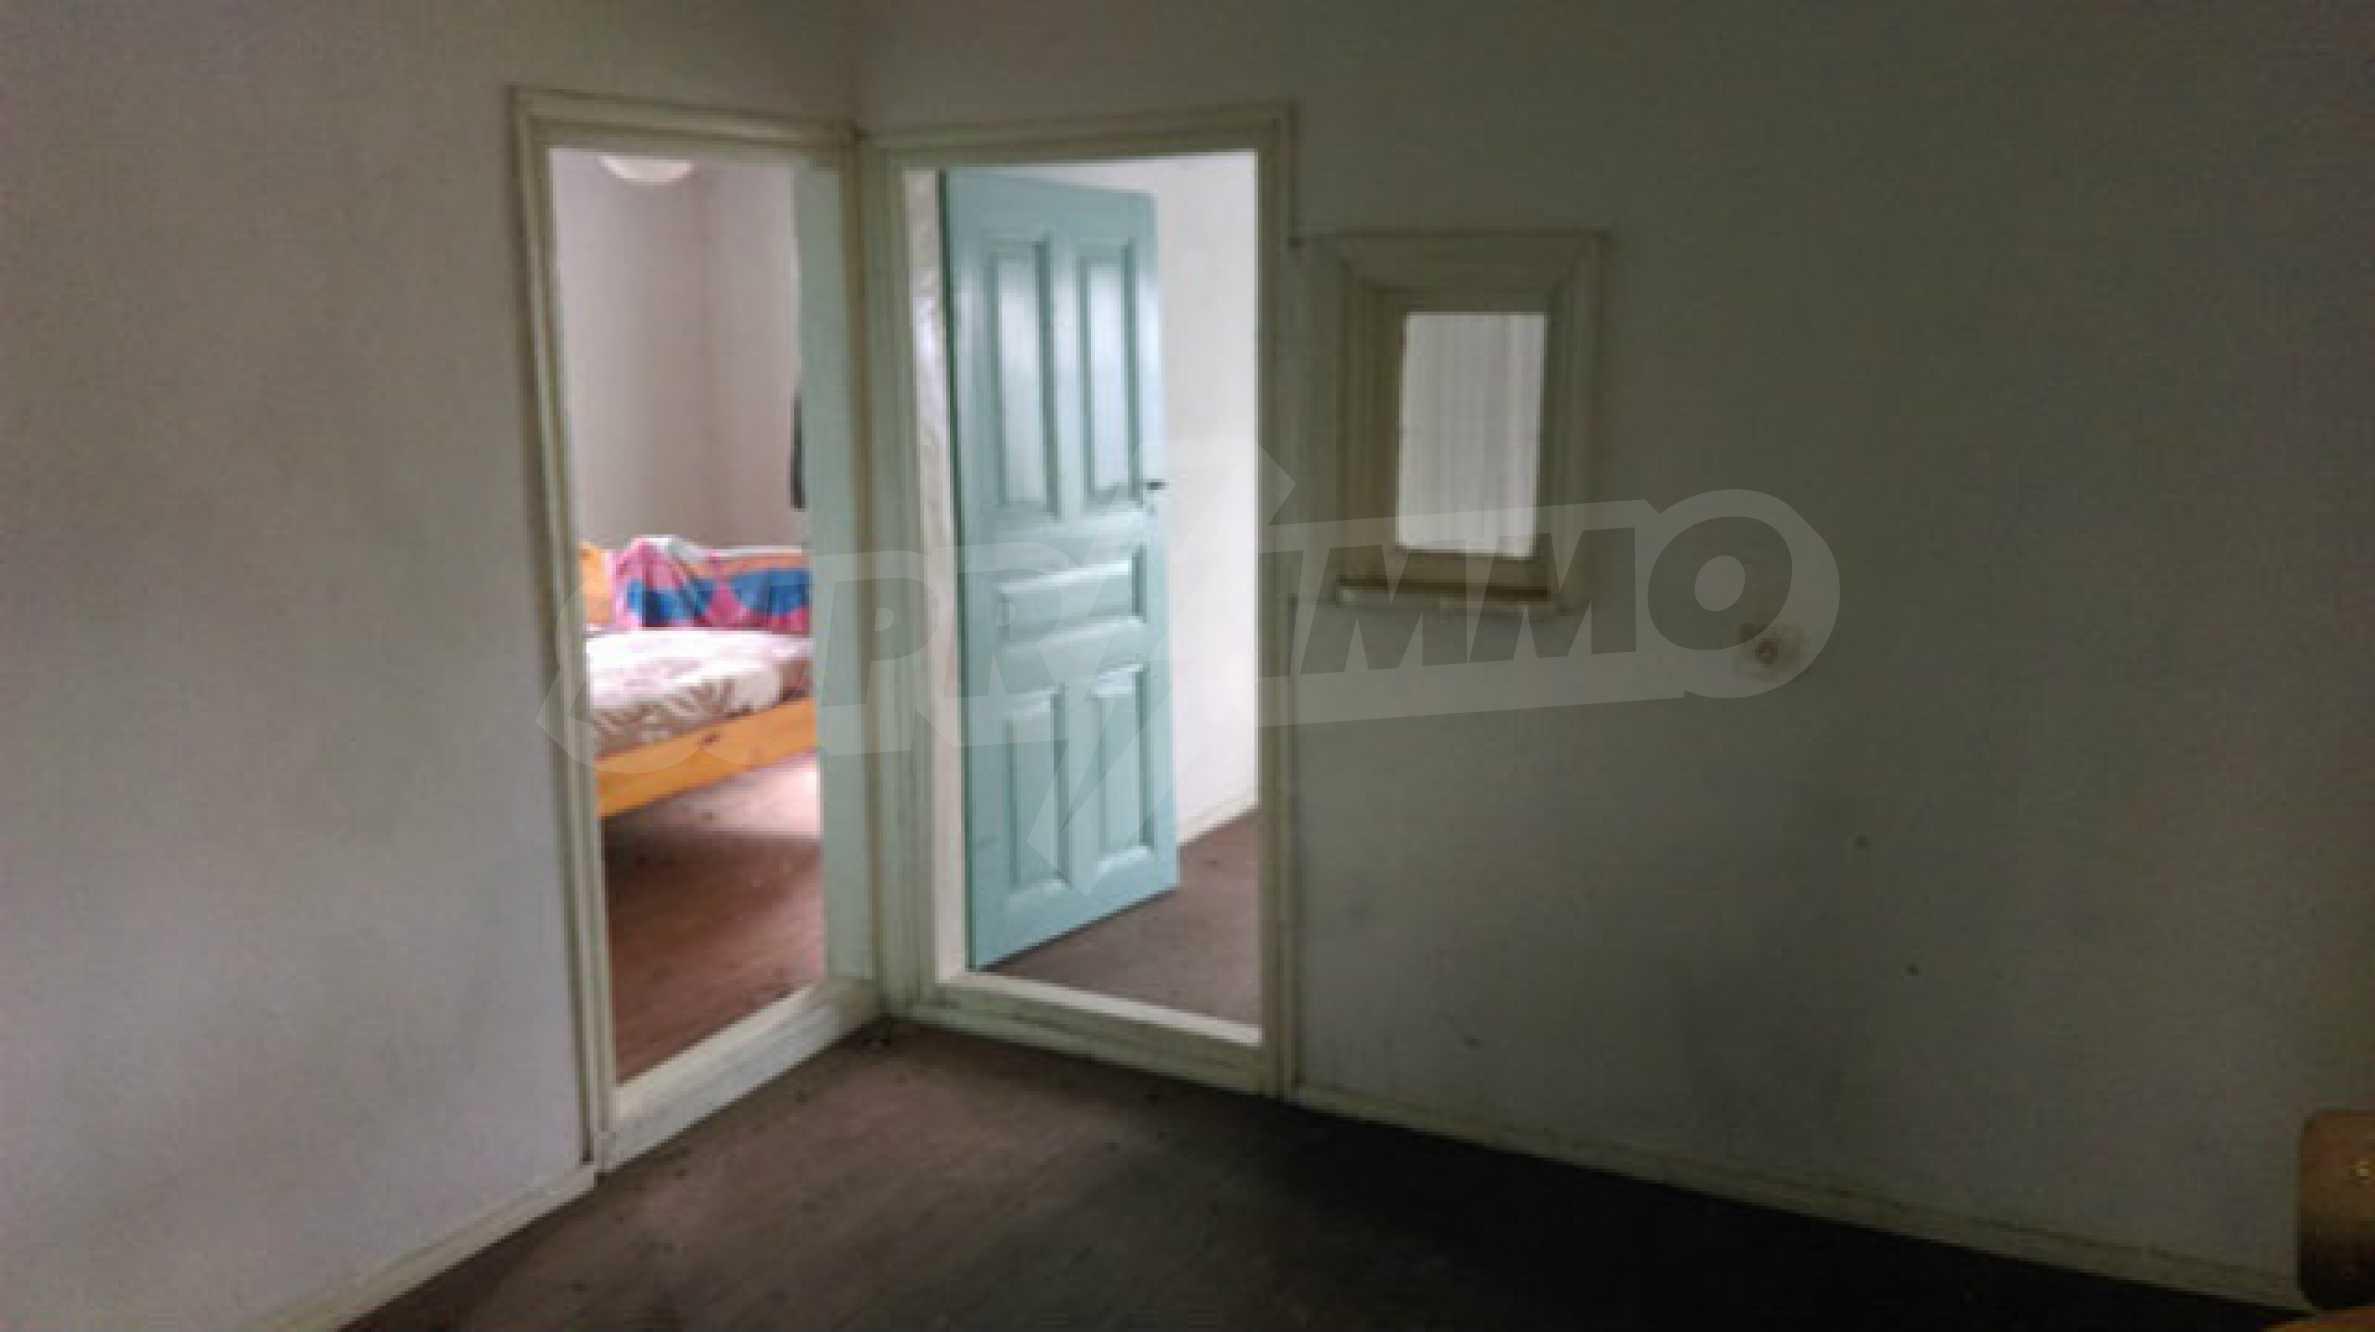 Къща за продажба близо до гр. Велико Търново 35